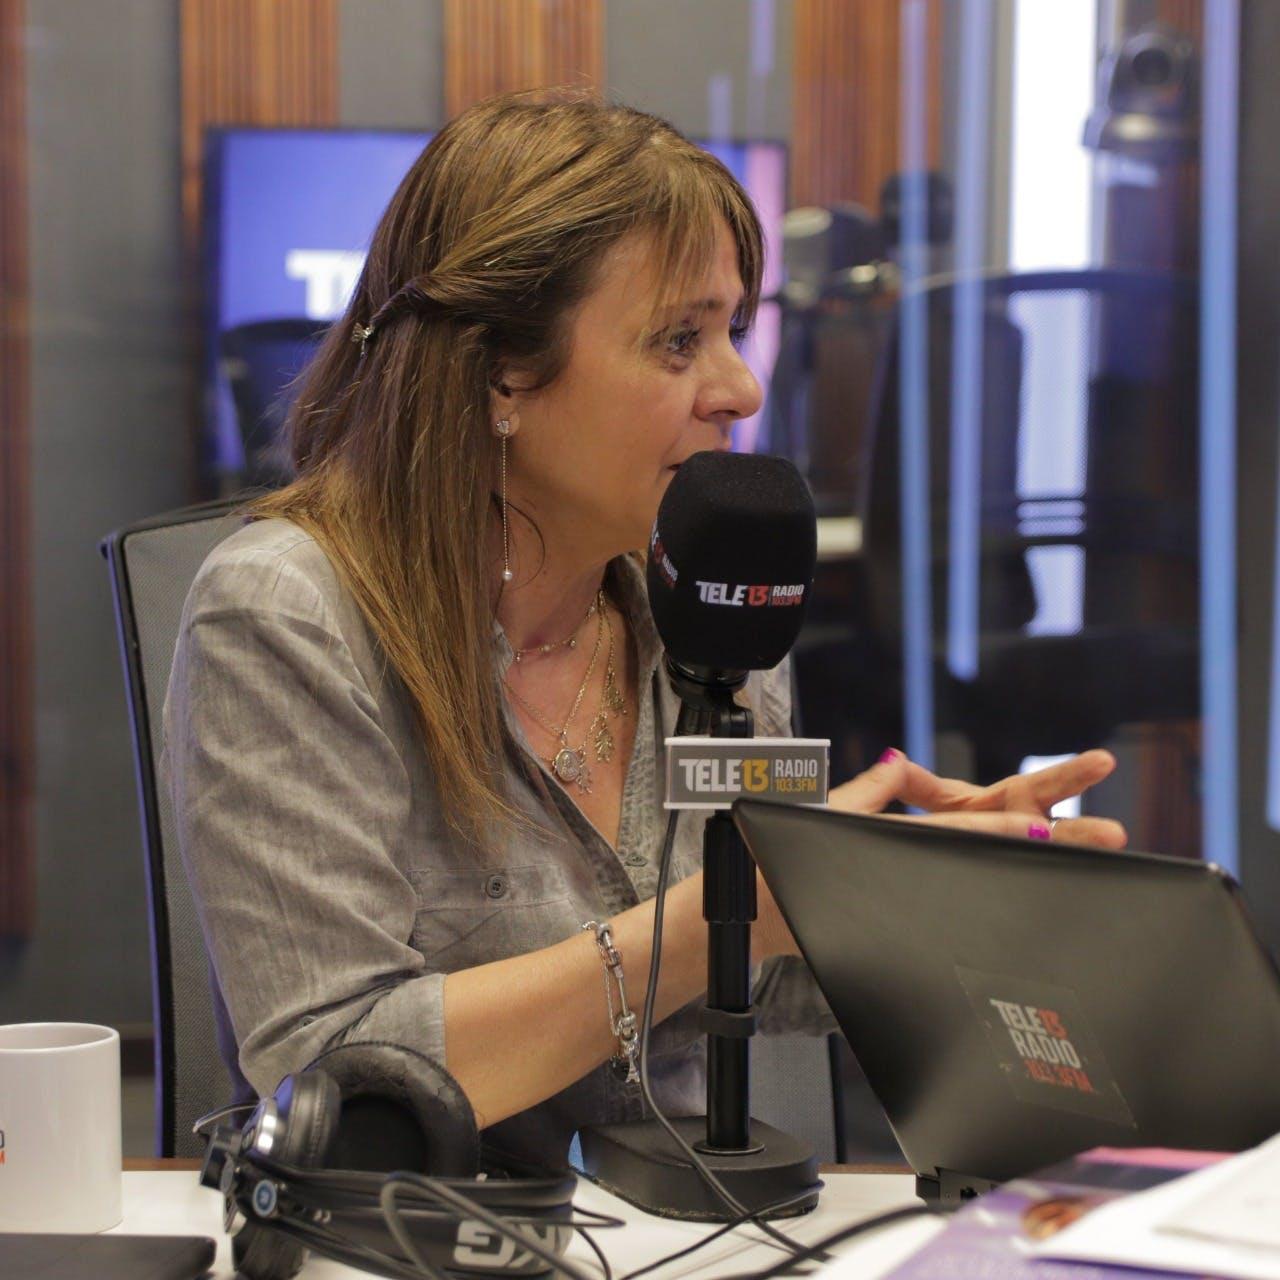 """Senadora Van Rysselberghe: No hemos roto nuestra relación con Chile Vamos, pero tenemos que replantear cómo seguimos. Es agotador llegar a acuerdos que después se cumplen a medias"""" - Podcast - Protagonistas - Entrevista FM - Emisor Podcasting"""